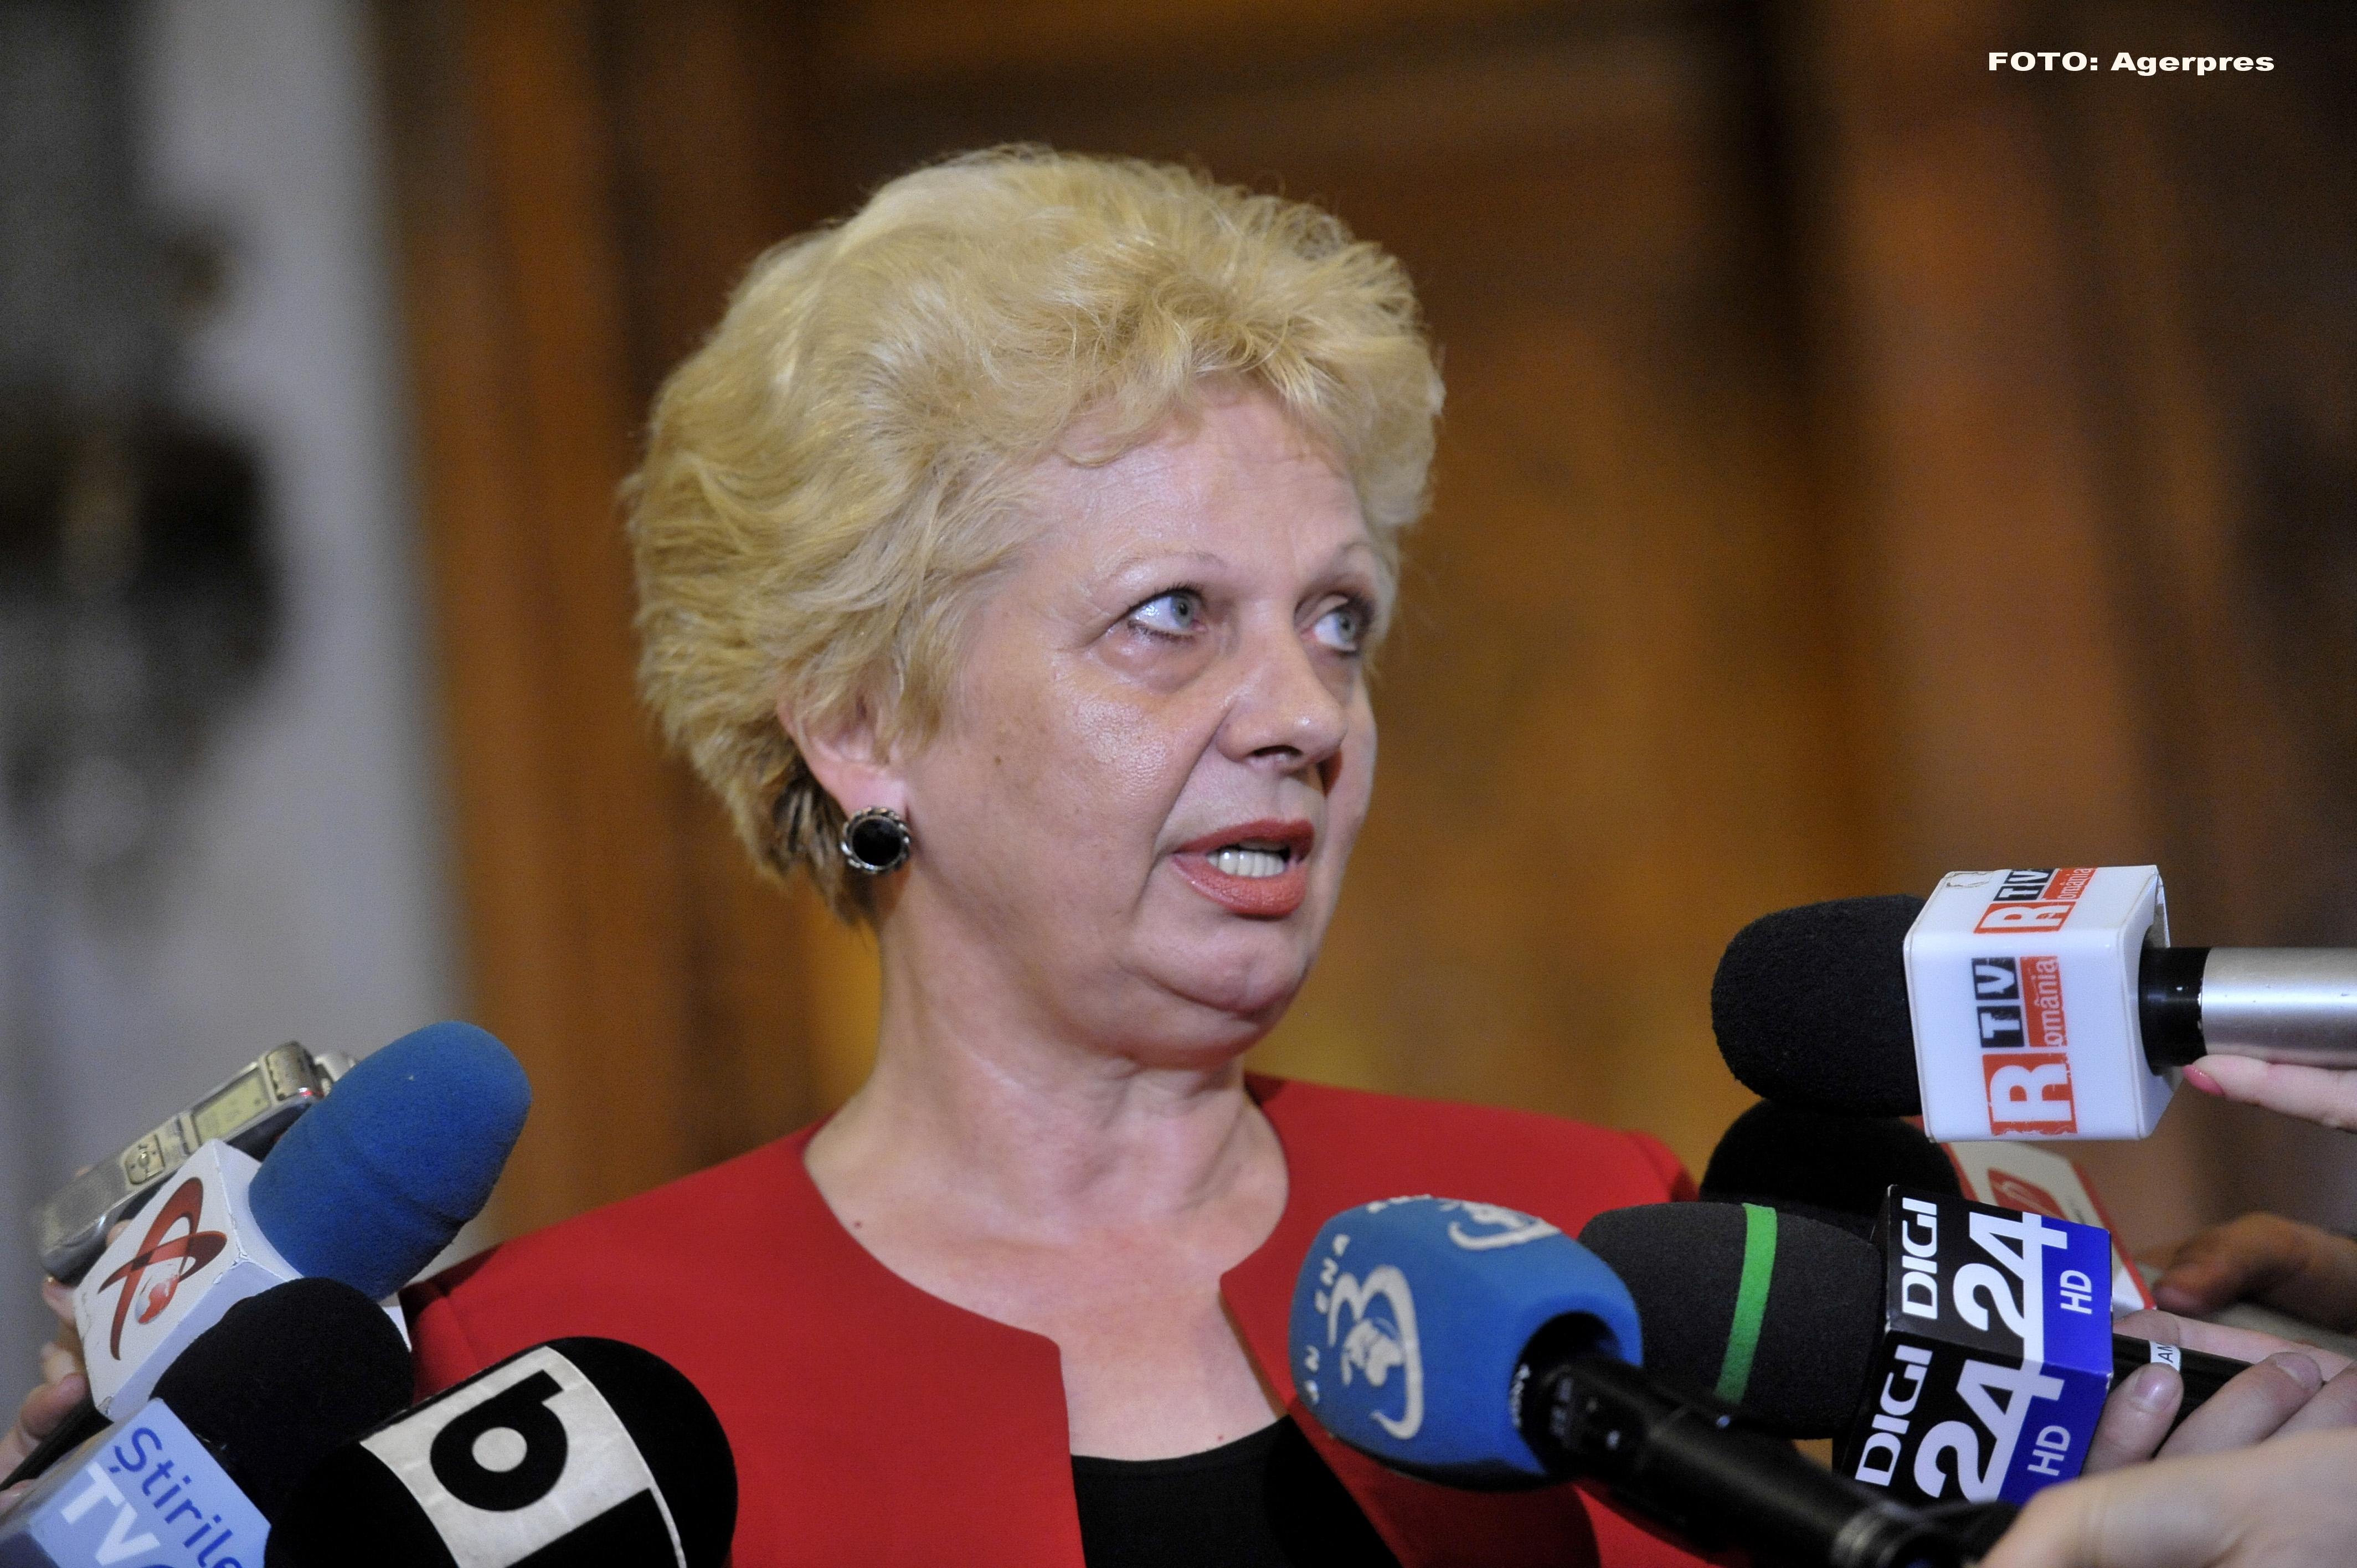 Doina Pană, la DIICOT. Fostul ministru bănuieşte cine ar fi otrăvit-o cu mercur